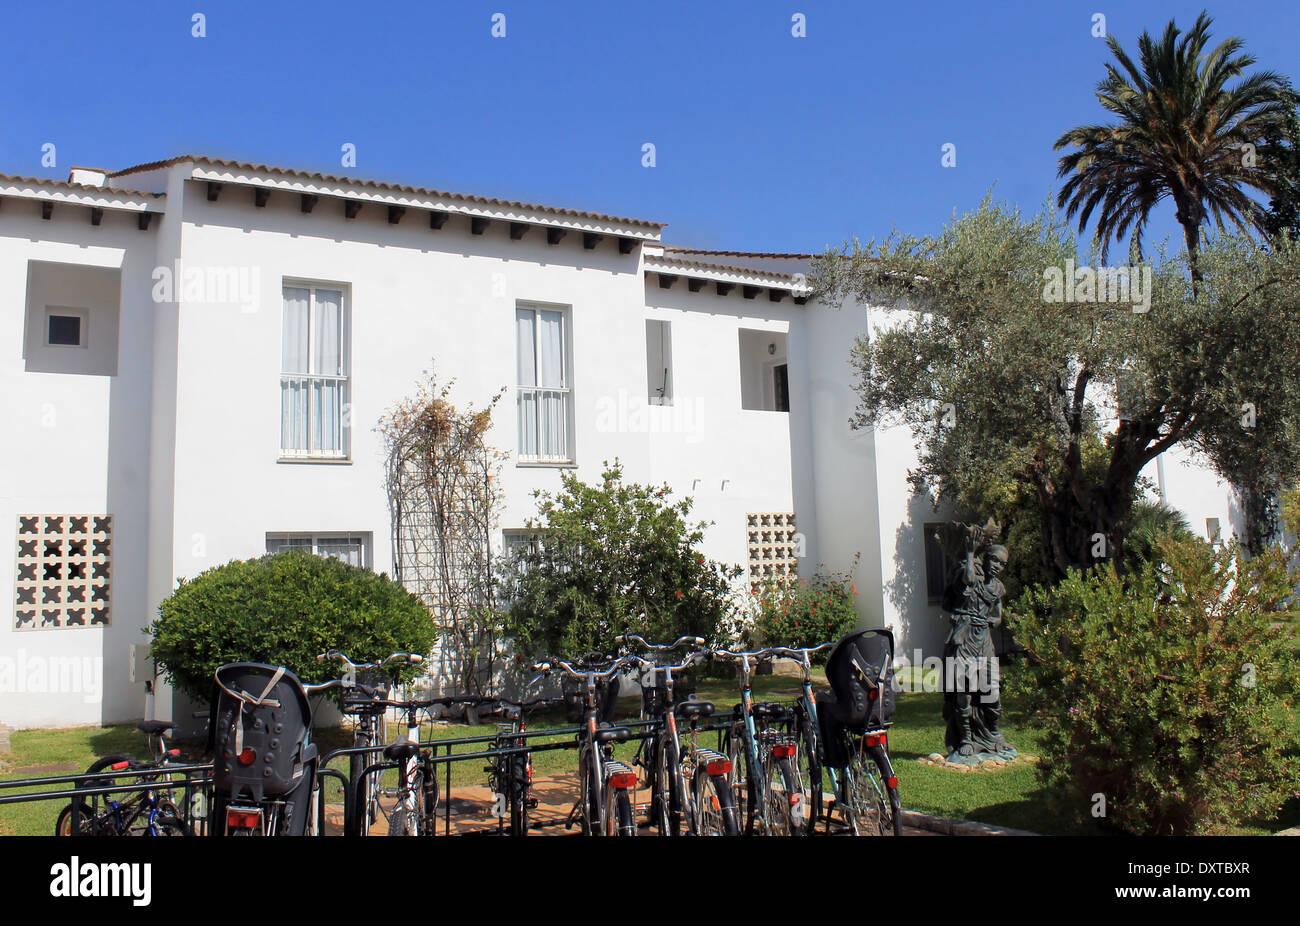 Appartements de vacances en espagnol tourist resort, Majorque, Espagne. Photo Stock